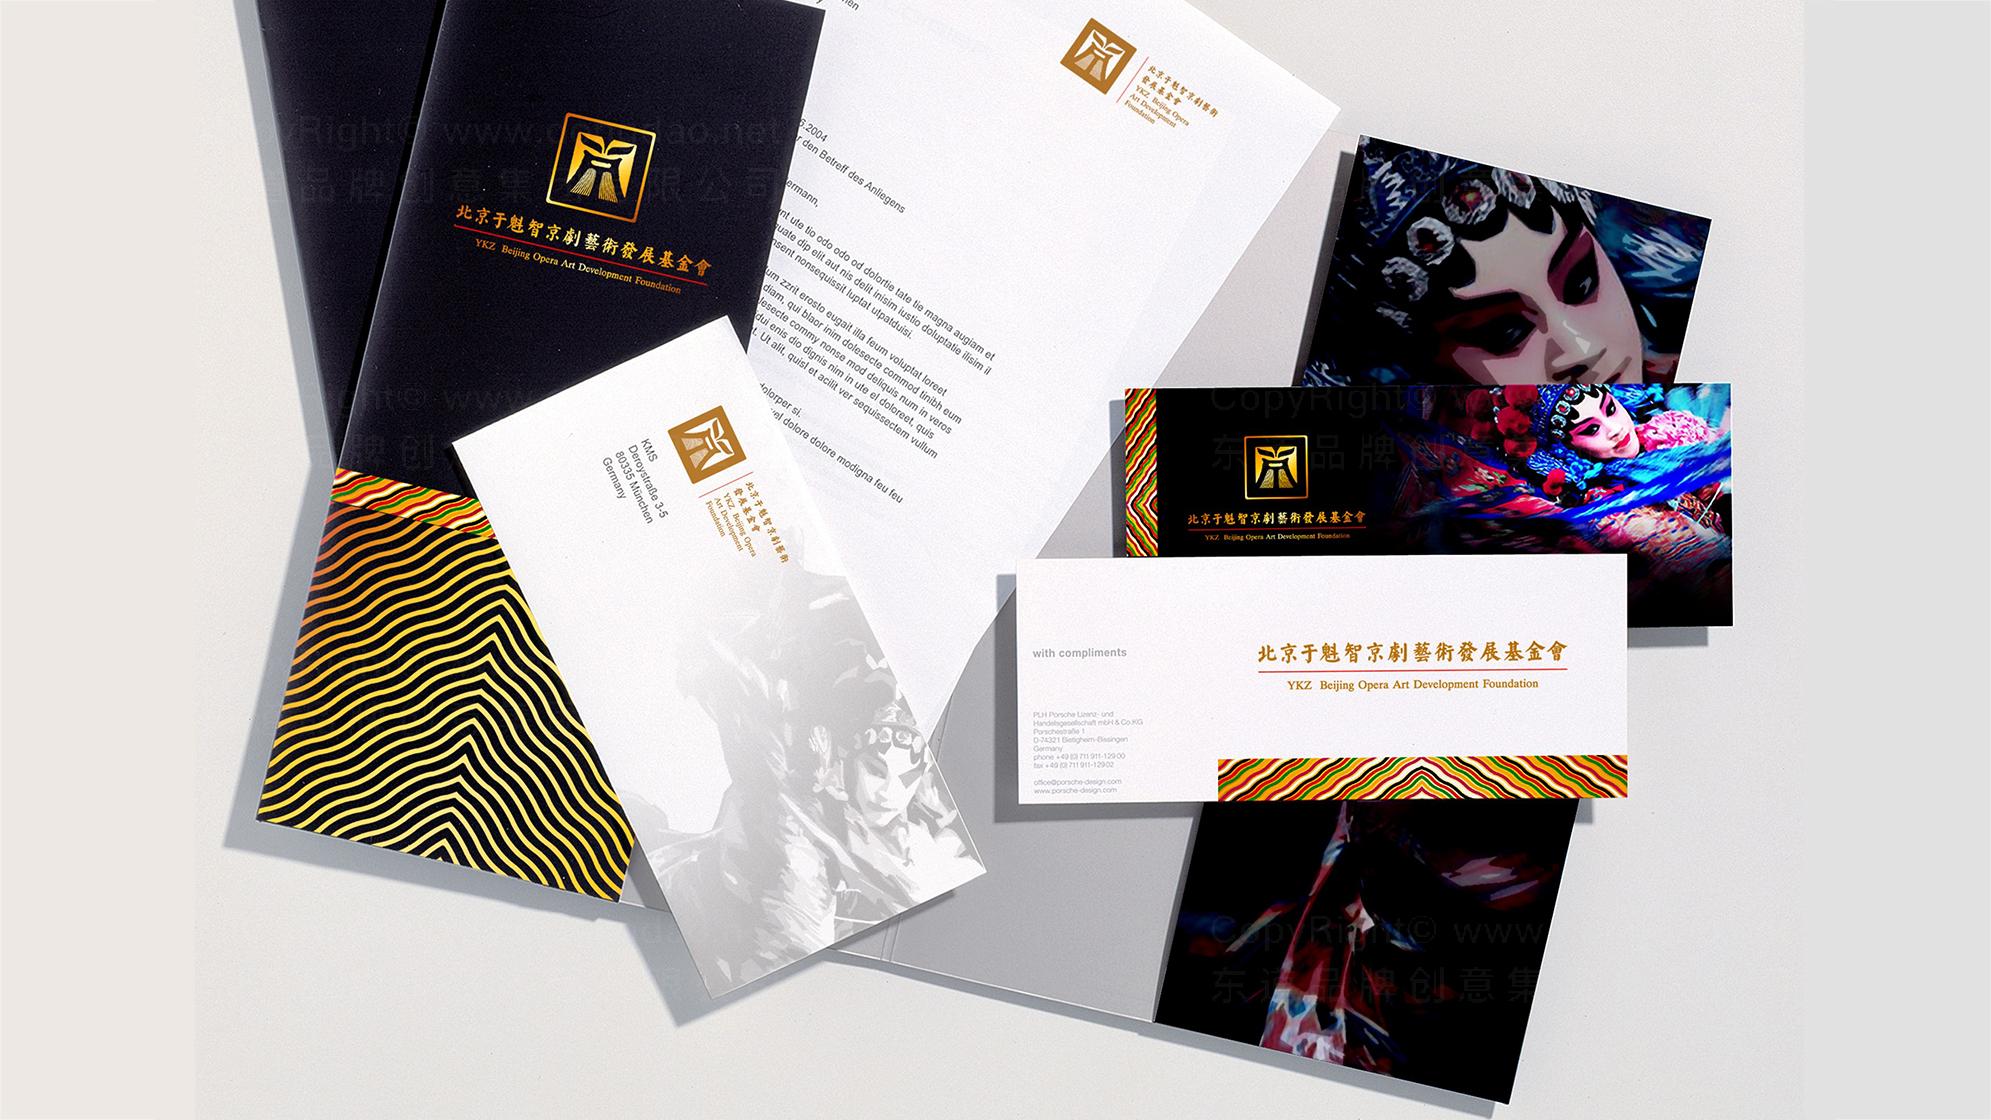 品牌设计于魁智京剧艺术发展基金会LOGO&VI设计应用场景_4